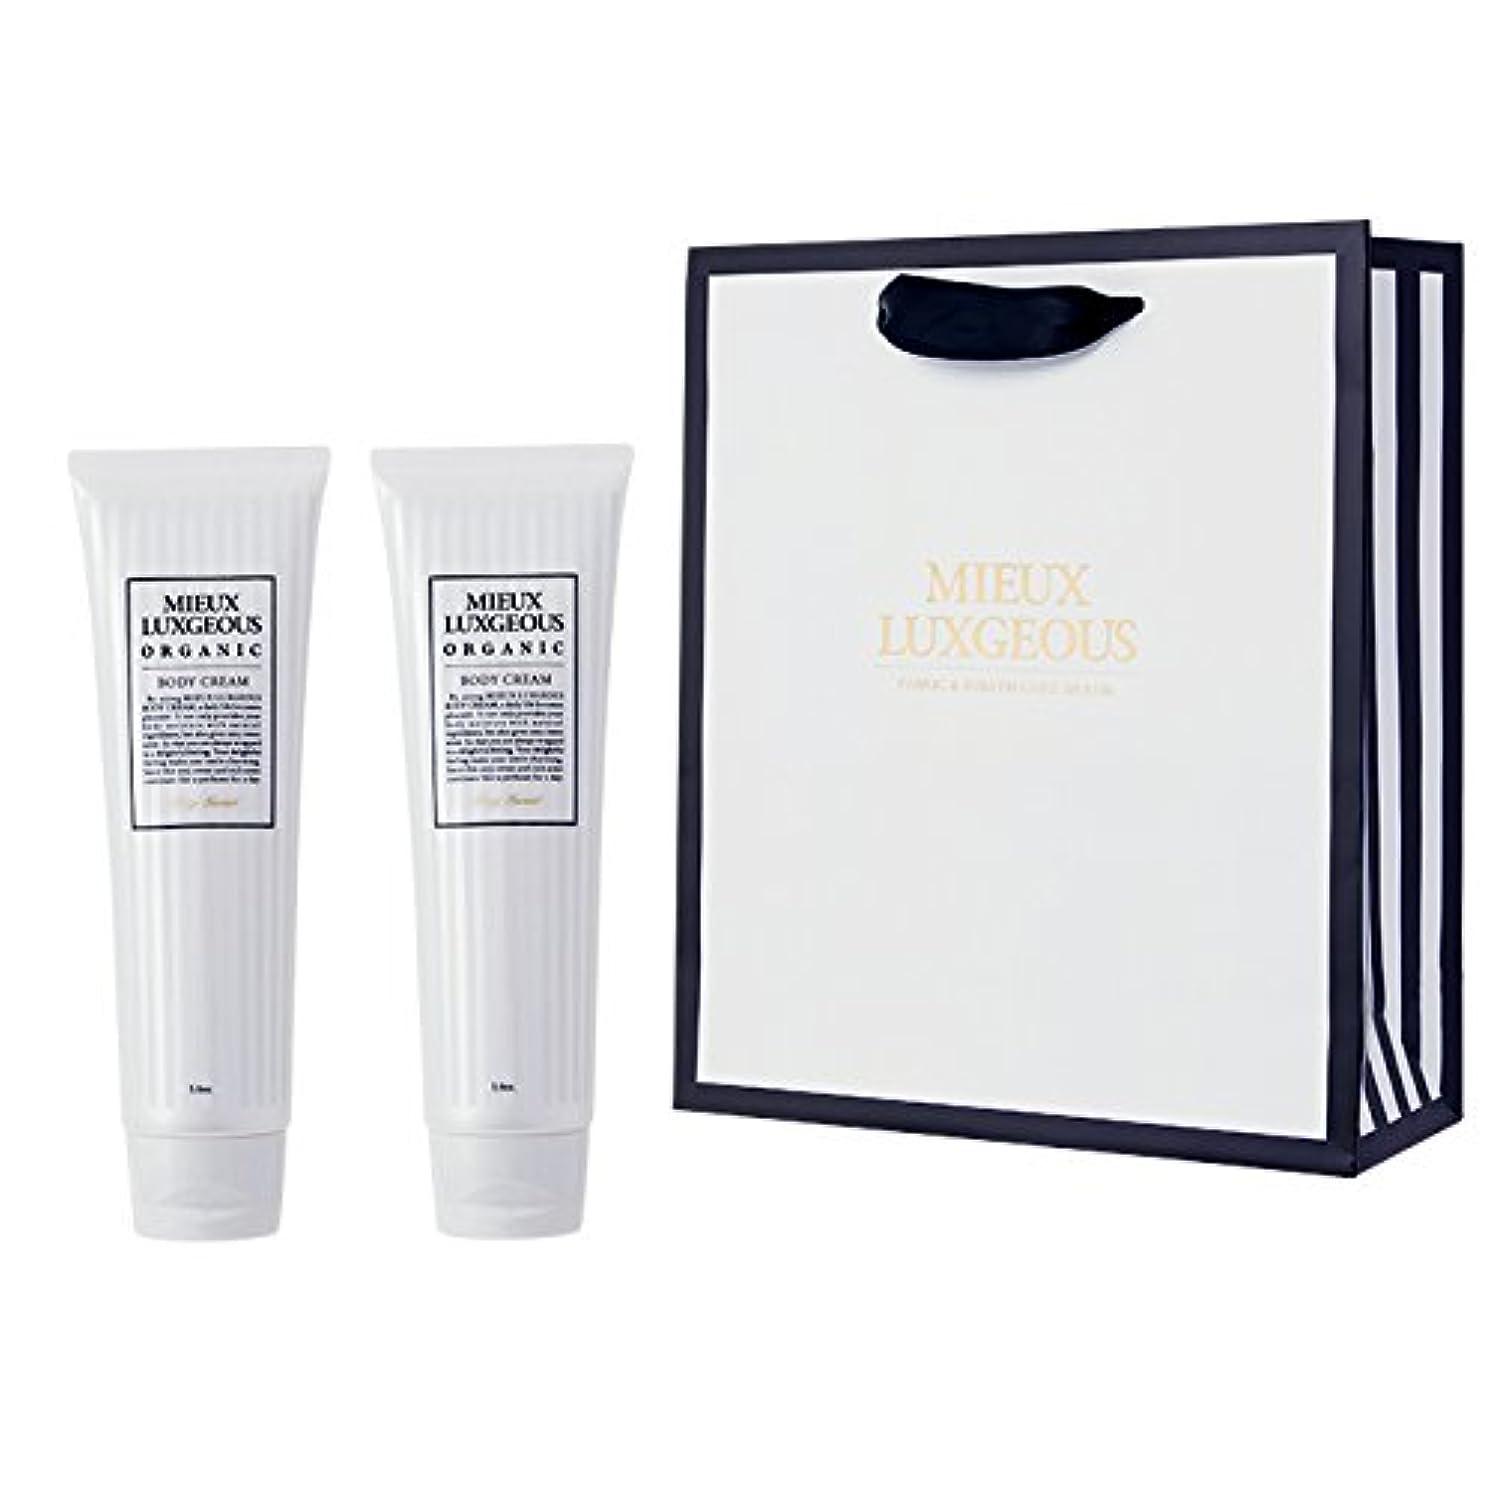 クルーロビーかごミューラグジャス Body Cream 2本set with Paperbag02